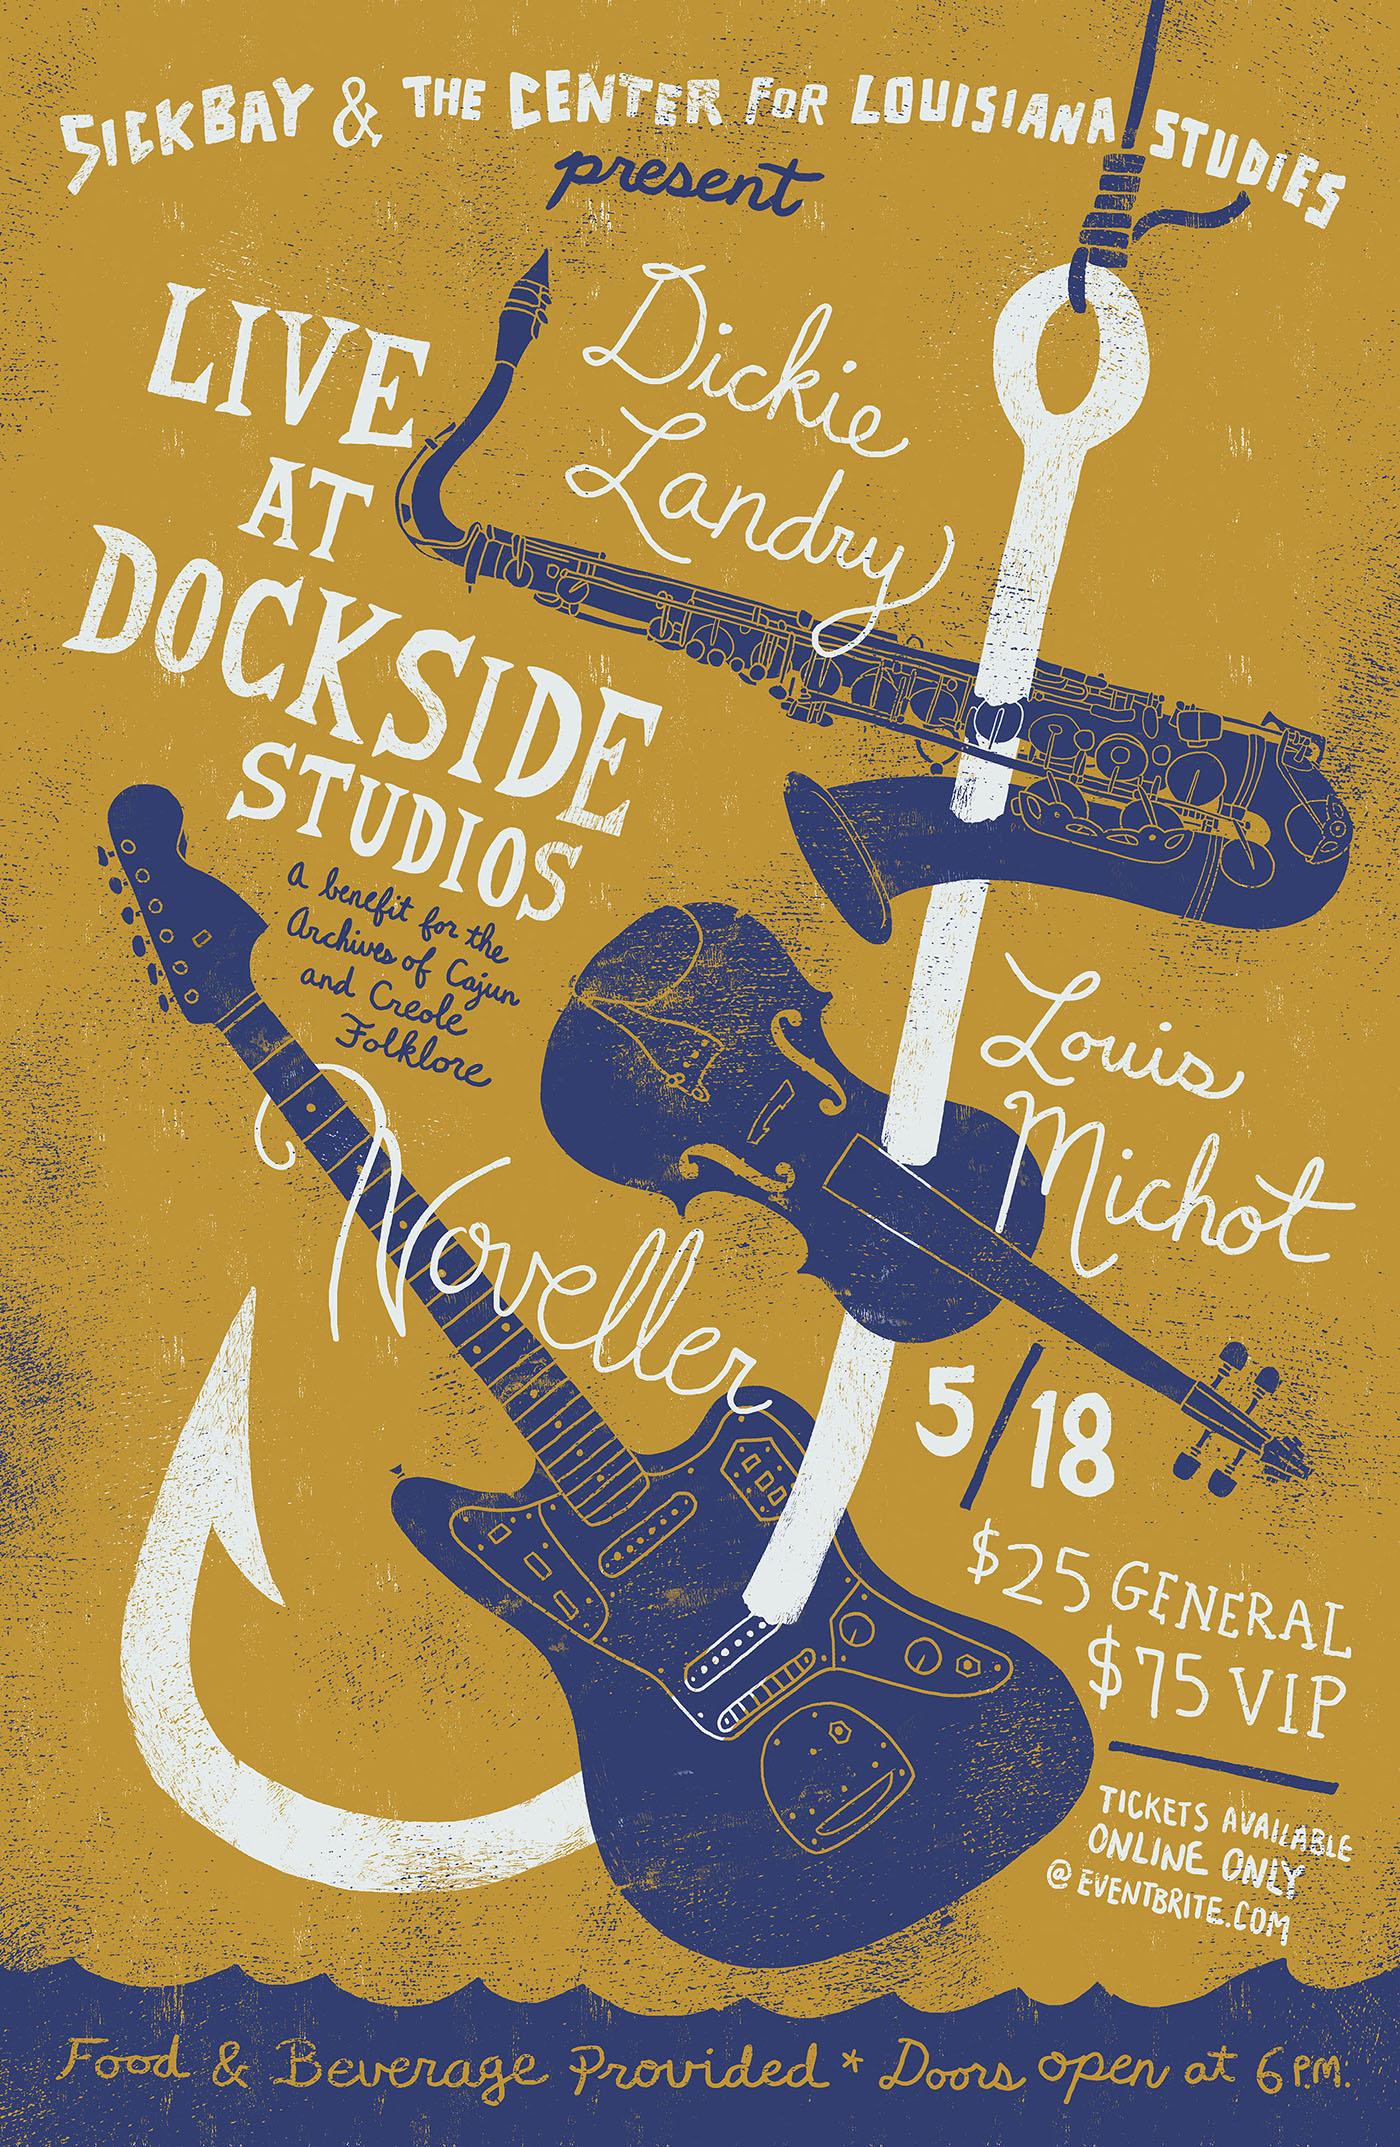 Live at Dockside